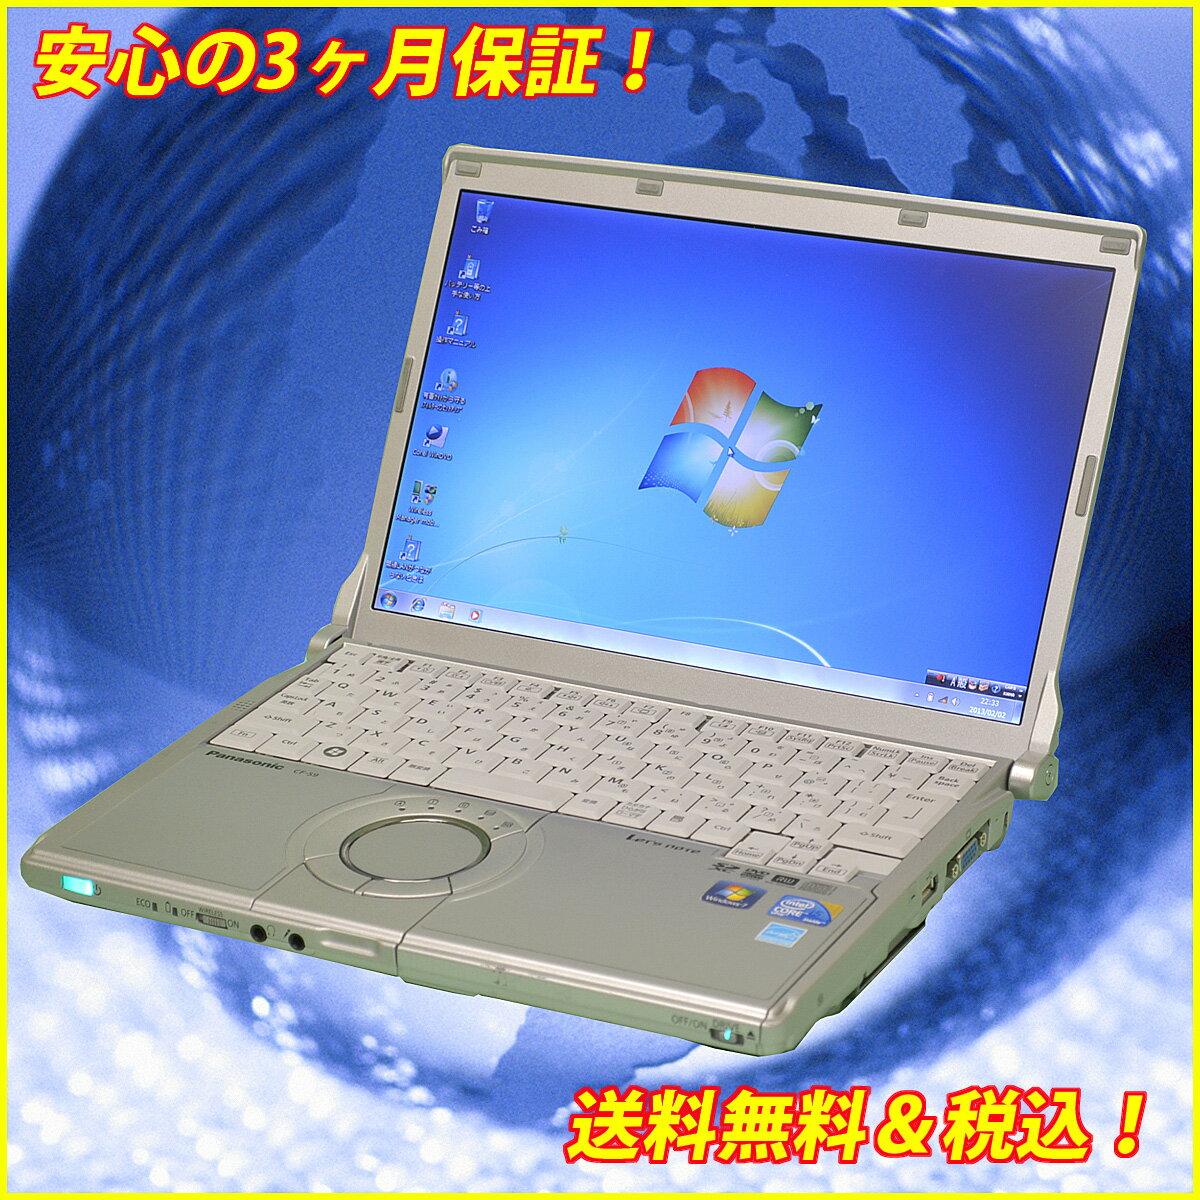 Windows10搭載!中古パソコン Panasonic(パナソニック)CF-S10AWHTSB5モバイル Core i5 2520M&メモリー8G SSD:128GB 搭載Windows10 & WPS Officeインストール済み【中古】【中古ノートパソコン】